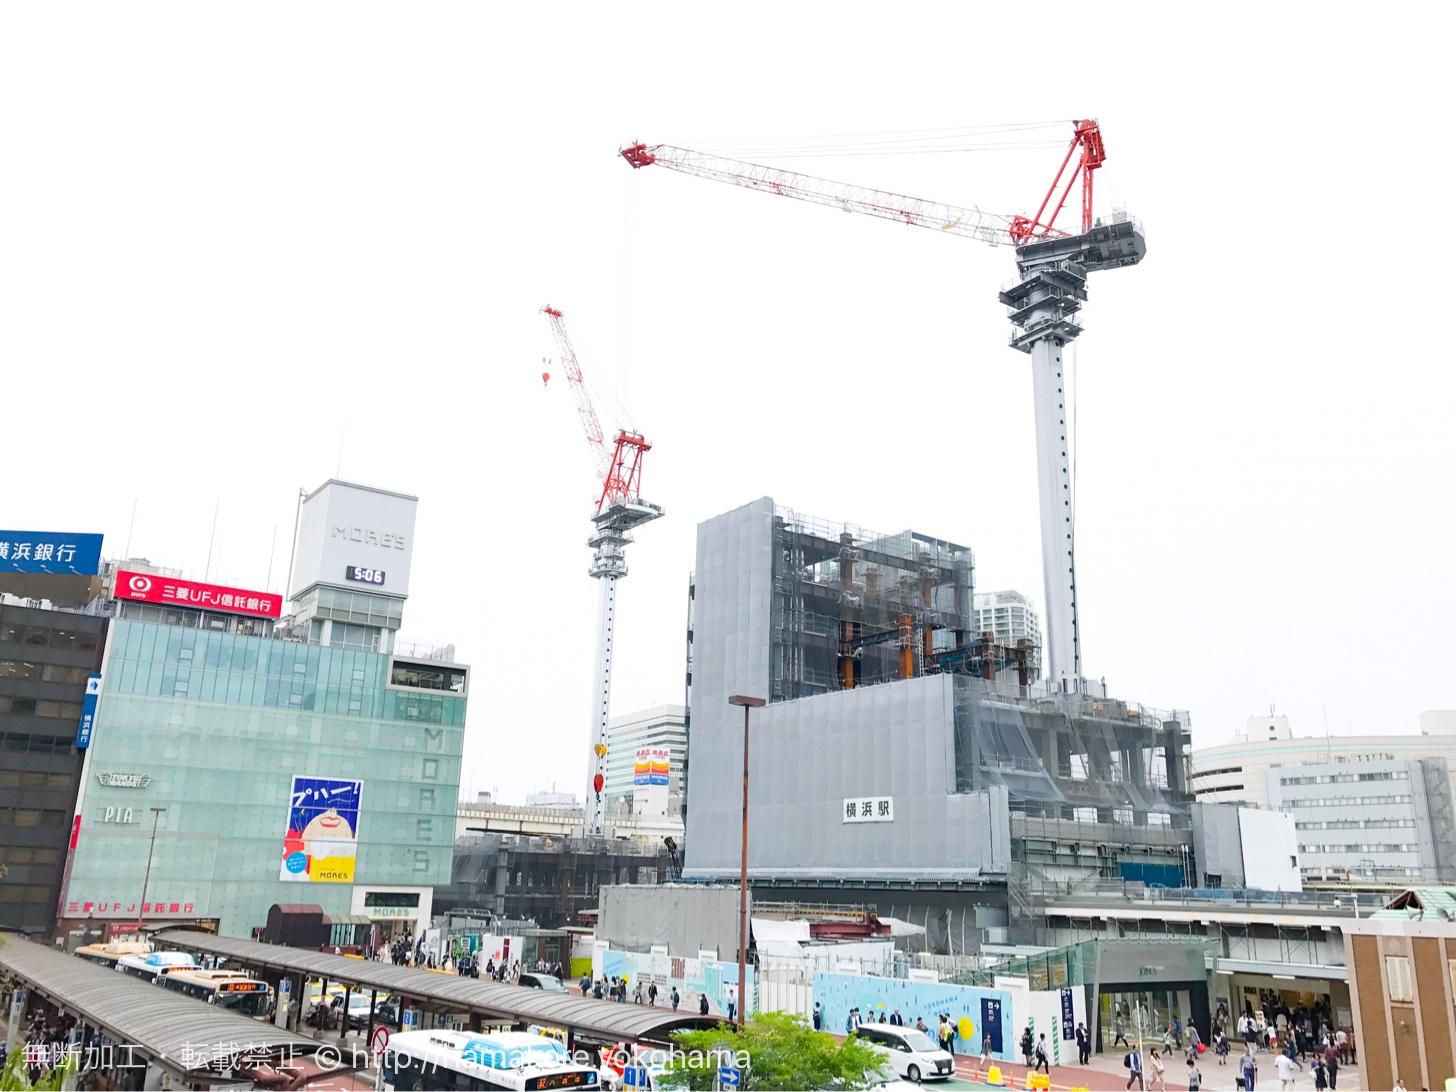 2017年5月 横浜駅西口 駅ビル完成までの様子